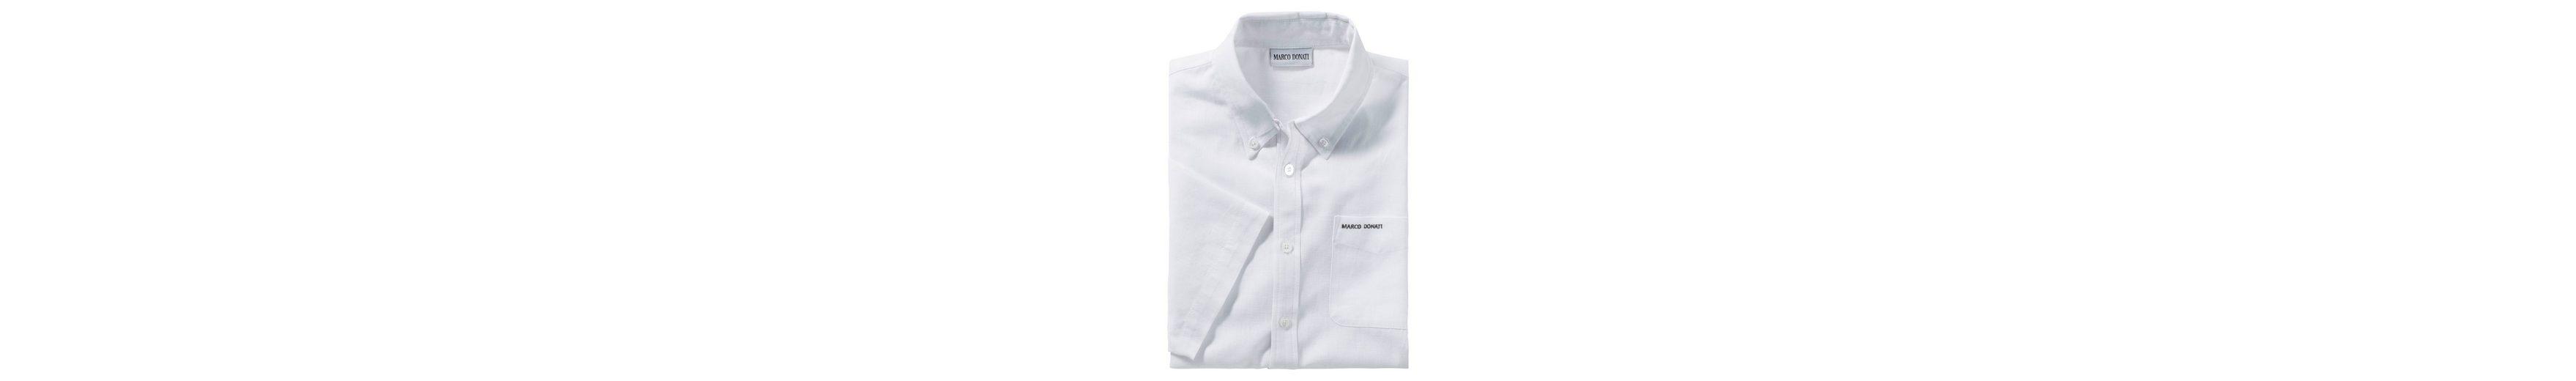 Marco Donati Kurzarm-Hemd in Leinenstruktur Auslass Erstaunlicher Preis Viele Arten Von Zum Verkauf kUNtkV8gCB